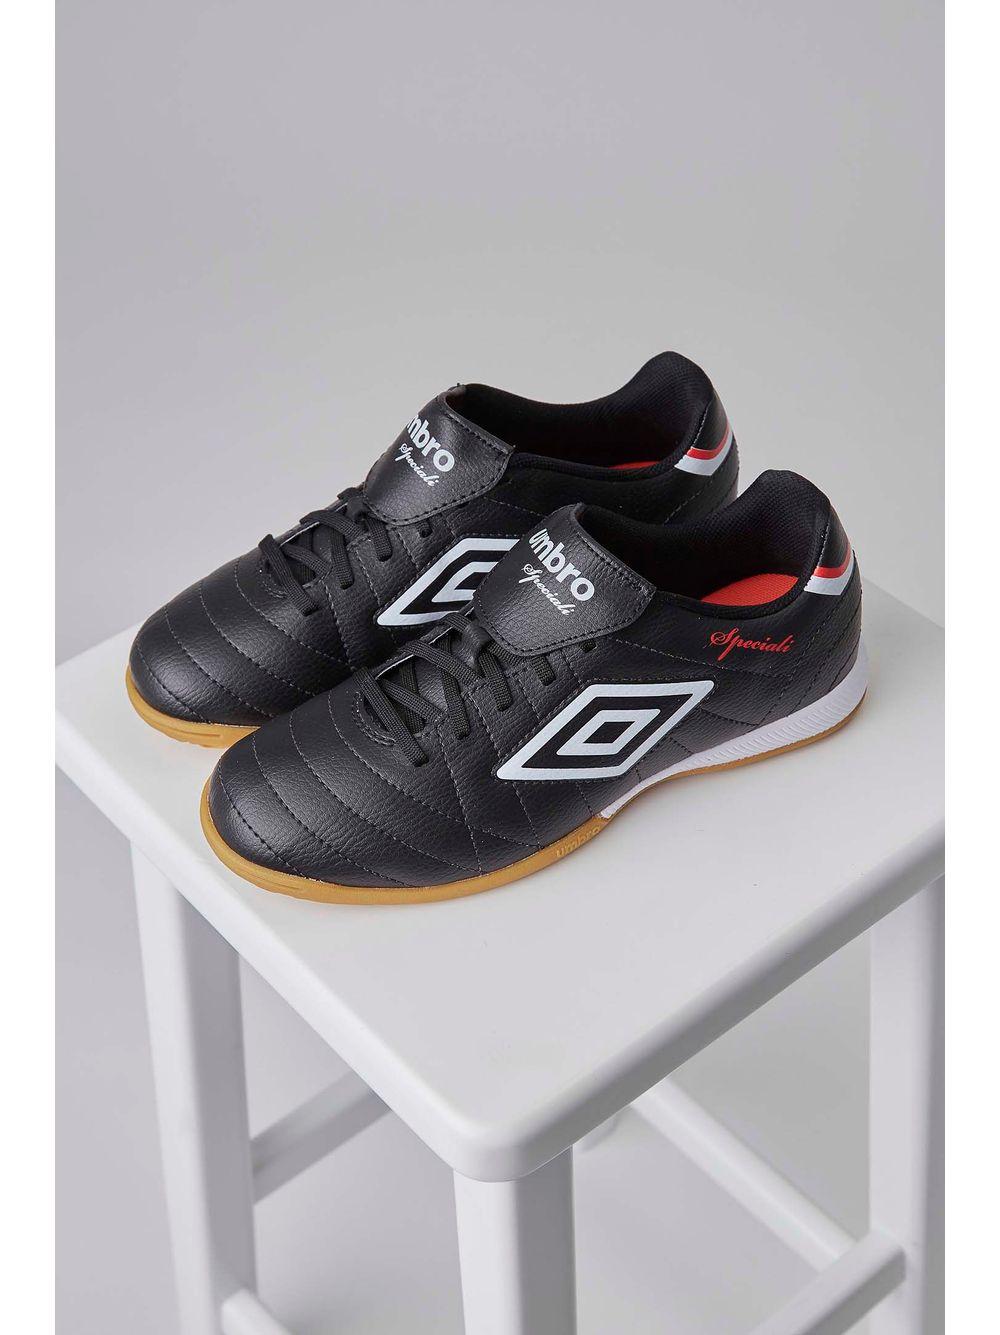 0ecefe12d8 Tênis Futsal Footwear Umbro Speciali Ii Club 0f72089 Preto - pittol